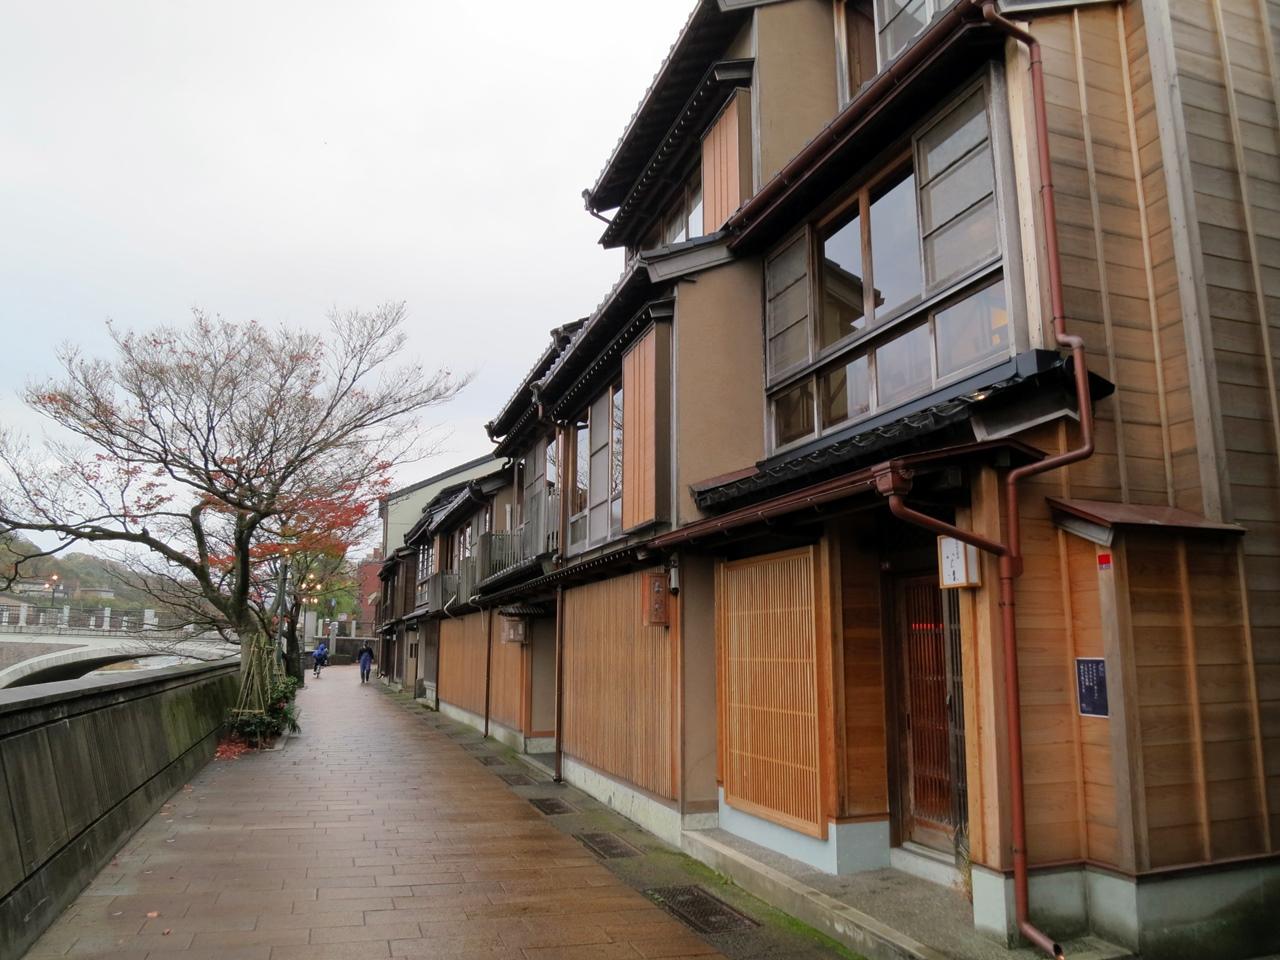 151124浅野川-11